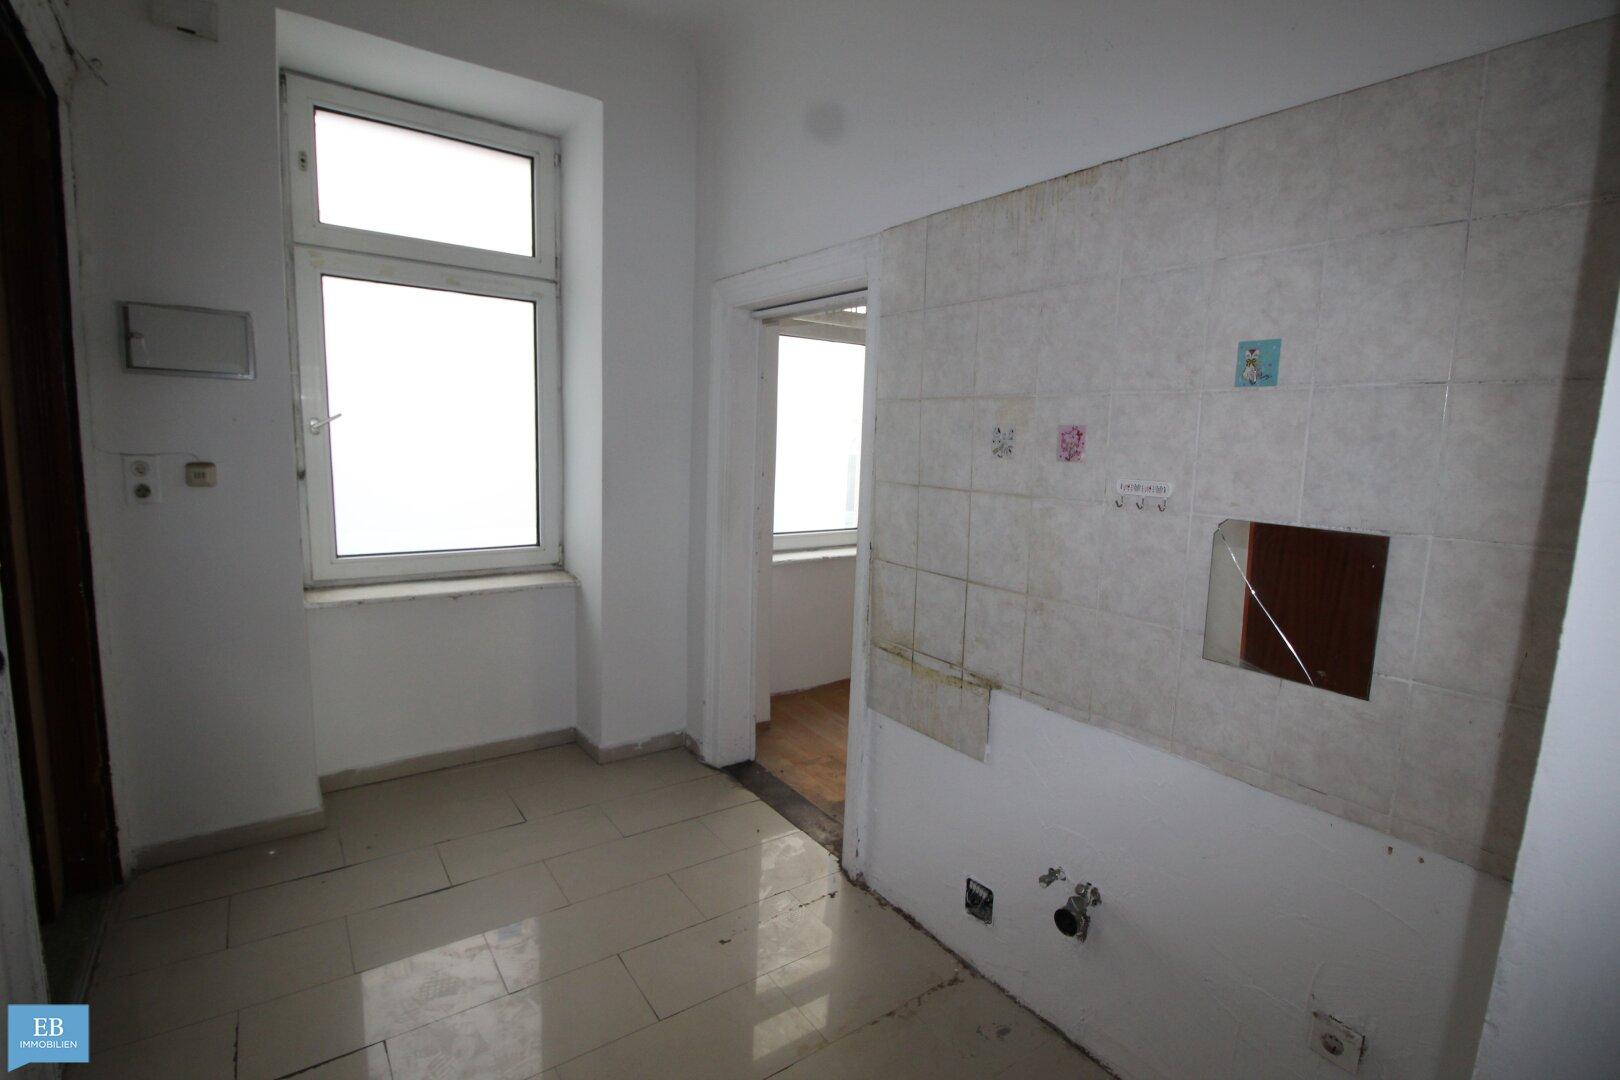 Vorzimmer mit Anschlüsse für die Küche